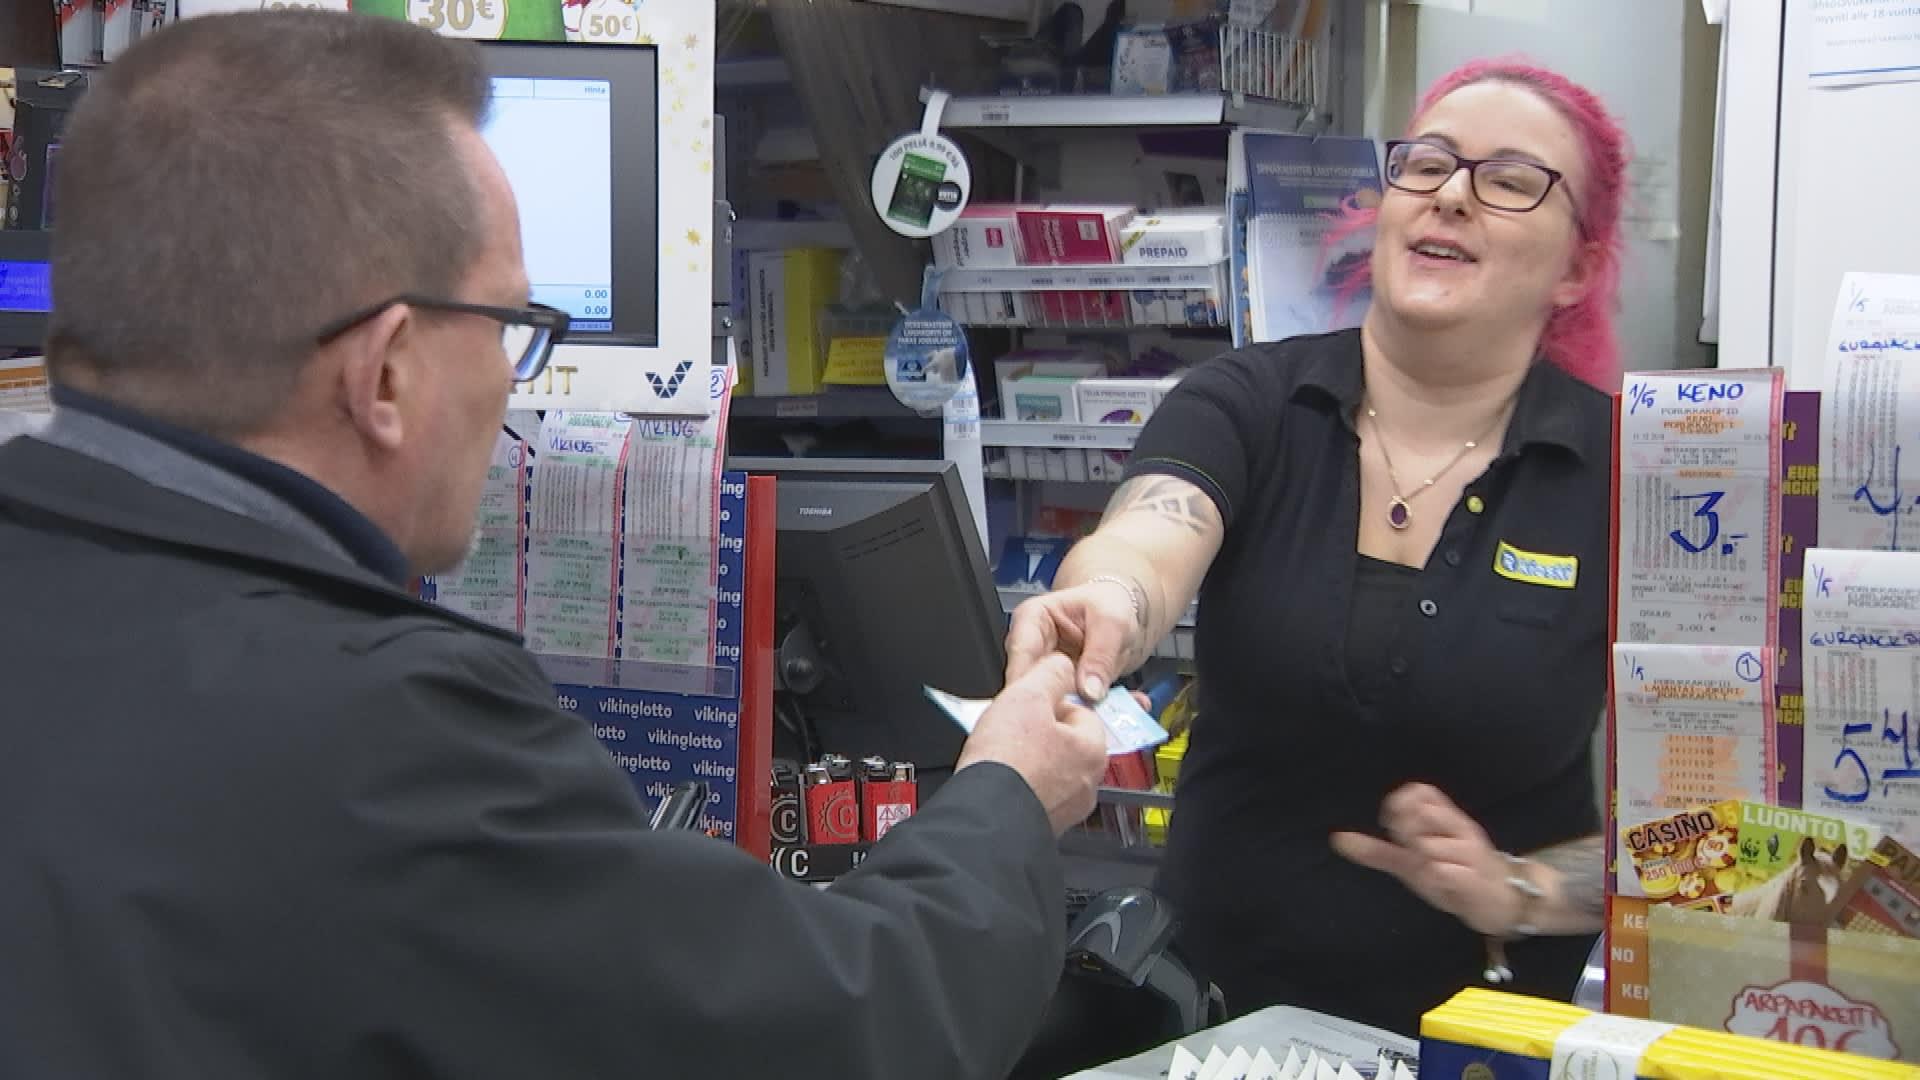 R-kioskin myyjä ojentaa toimittaja Matti Toivoselle 20 euron setelin, jonka Matti on nostanut tililtään oston yhteydessä.